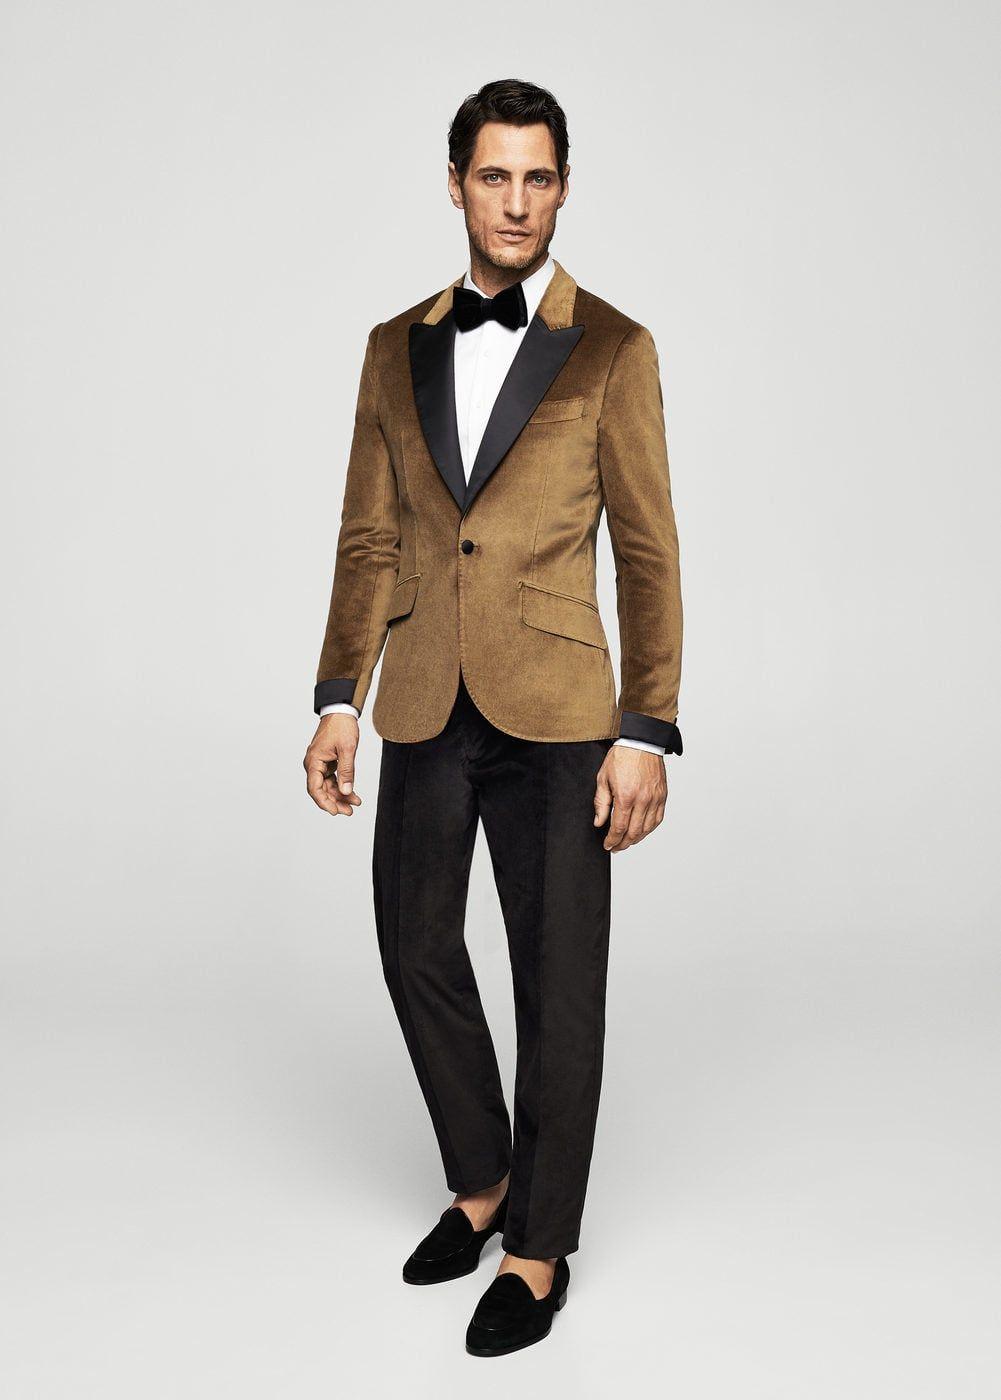 Pantalón traje slim-fit terciopelo - Pantalones de Hombre in 2019 ... 17521428a6f